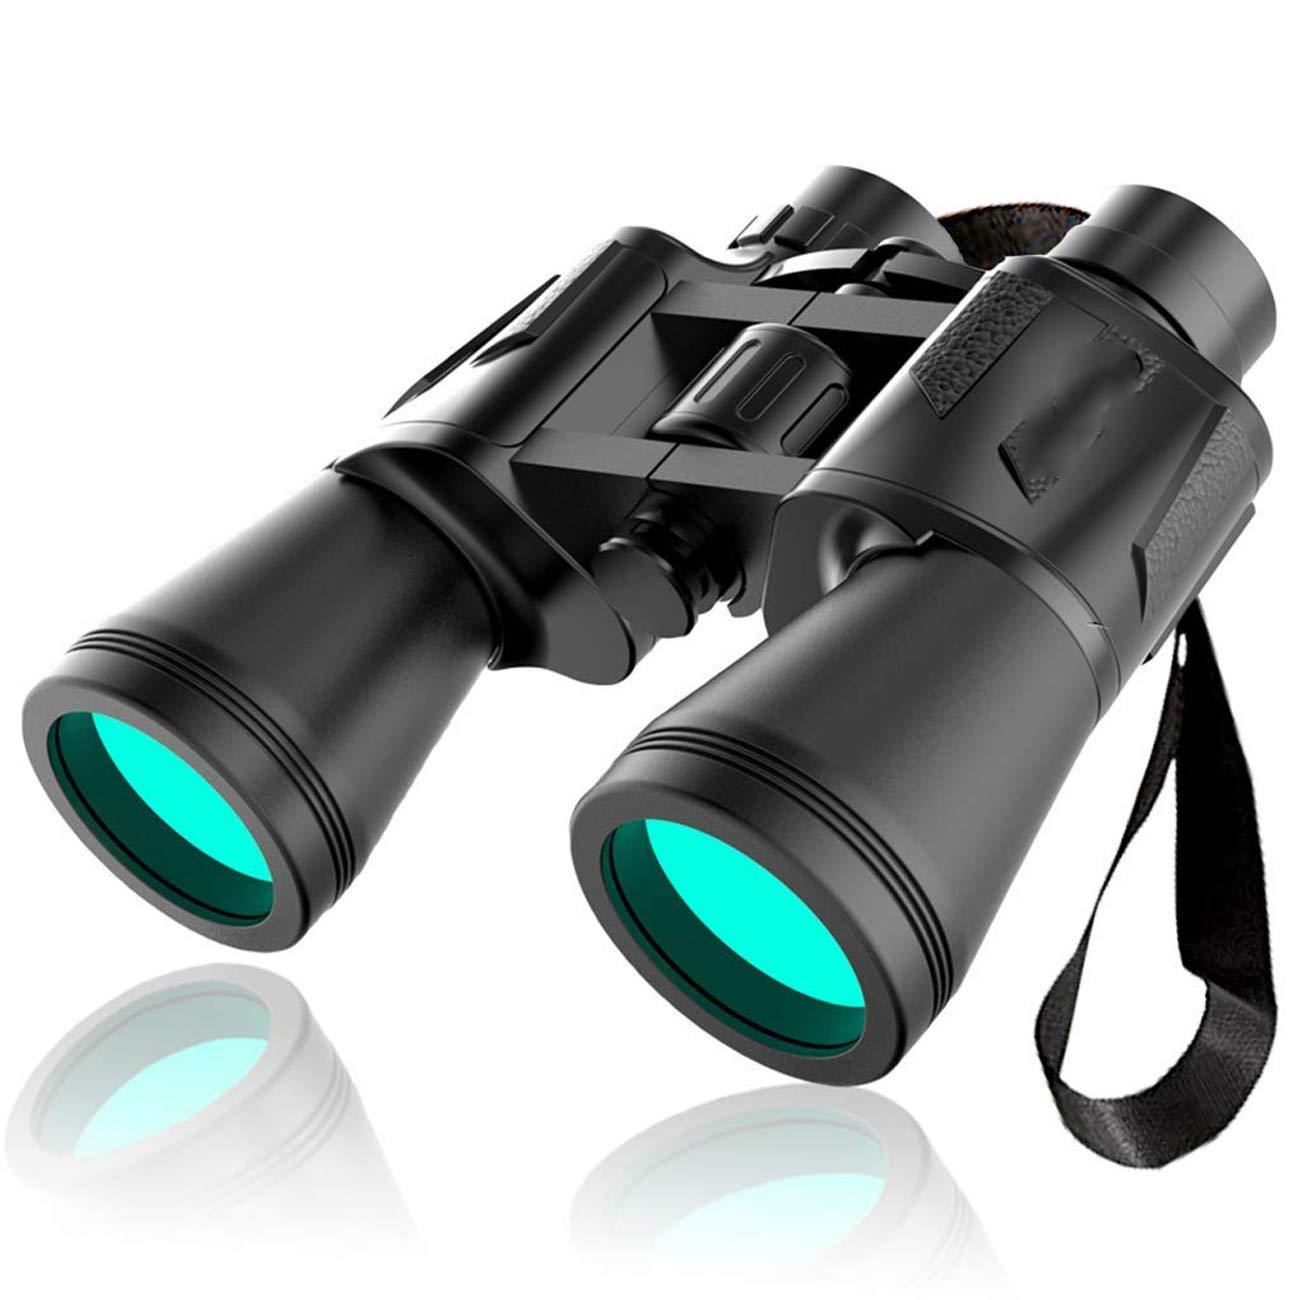 おすすめネット XUEXUE バッグ 双眼鏡 20X50 HD 双眼鏡 キャンプ B07HYXZKW9 コンパクト 防水 双眼鏡 子供用 大人用 レンズ ワイプ バッグ ショルダーストラップ ハンティング キャンプ 旅行 バード ウォッチングなど B07HYXZKW9, 山内村:f07586d2 --- a0267596.xsph.ru